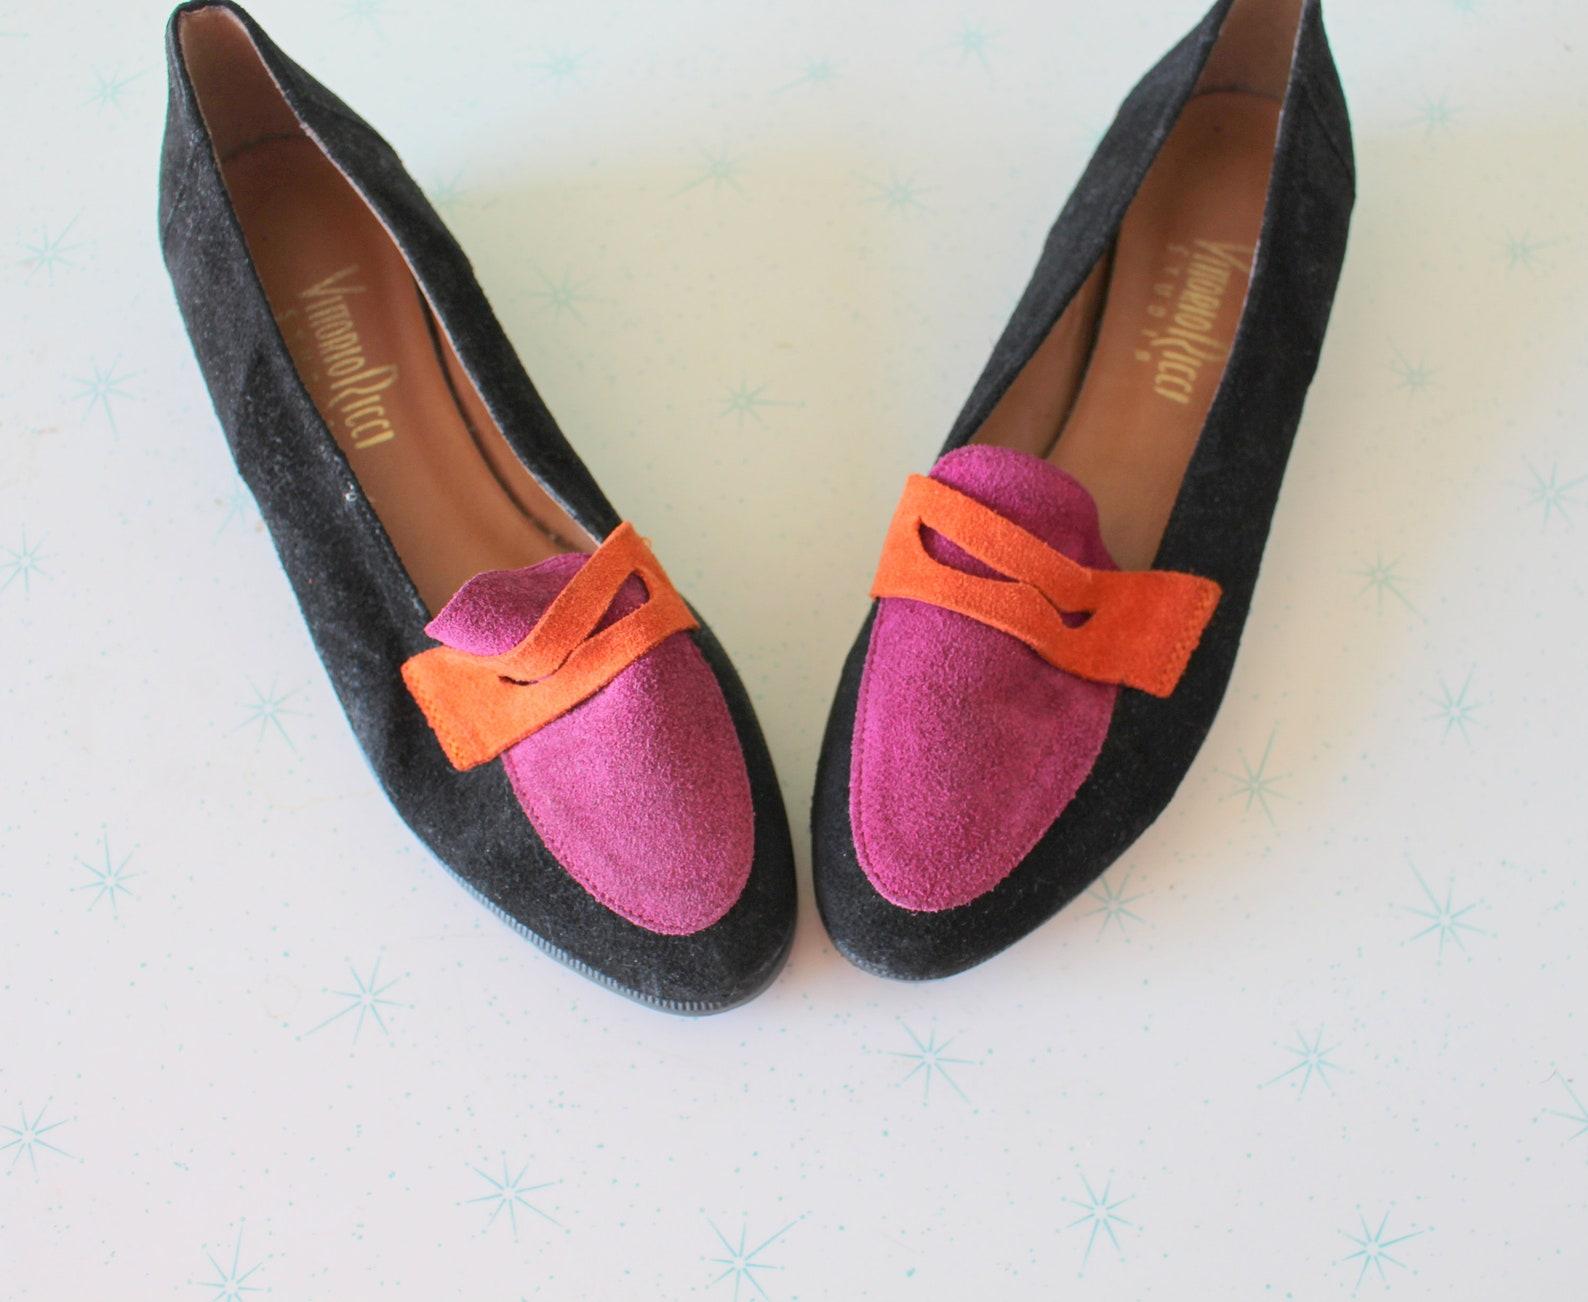 vintage designer suede flats....size 7 womens...shoes. retro. mod. designer. suede. black. ballet flats. 1980s flats. oxfords. p